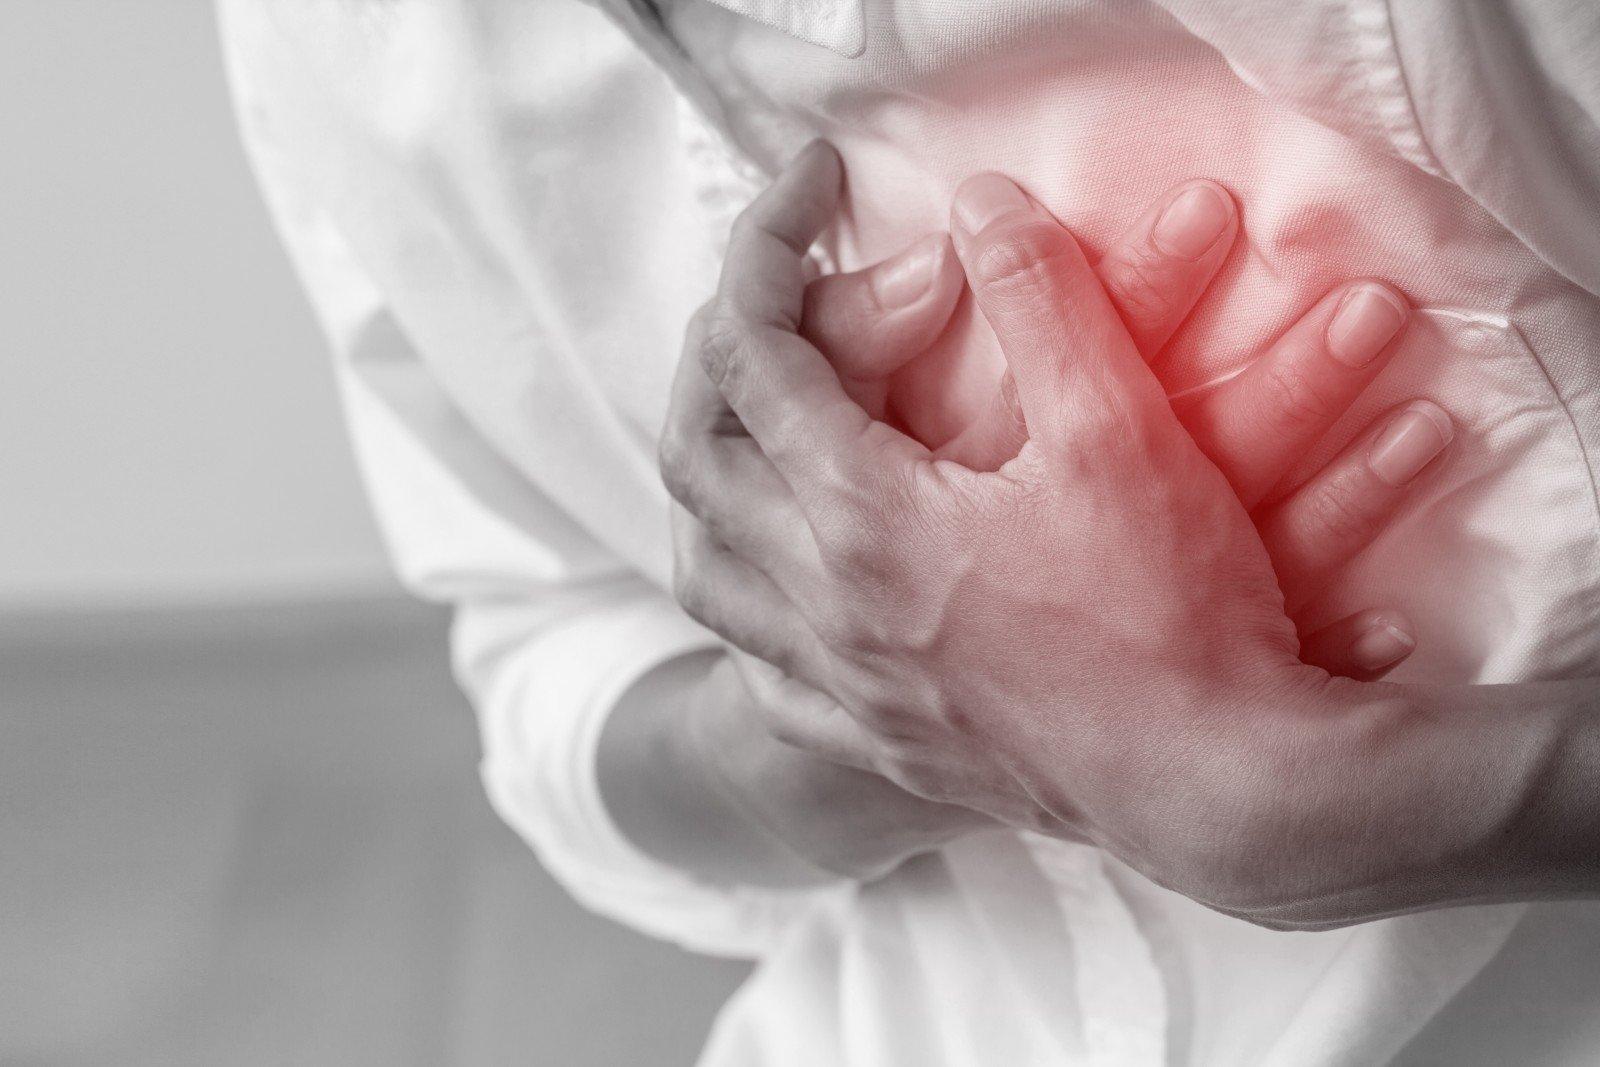 Lėtinio nuovargio sindromas: kaip atskirti, kad jau visai blogai? - DELFI Sveikata